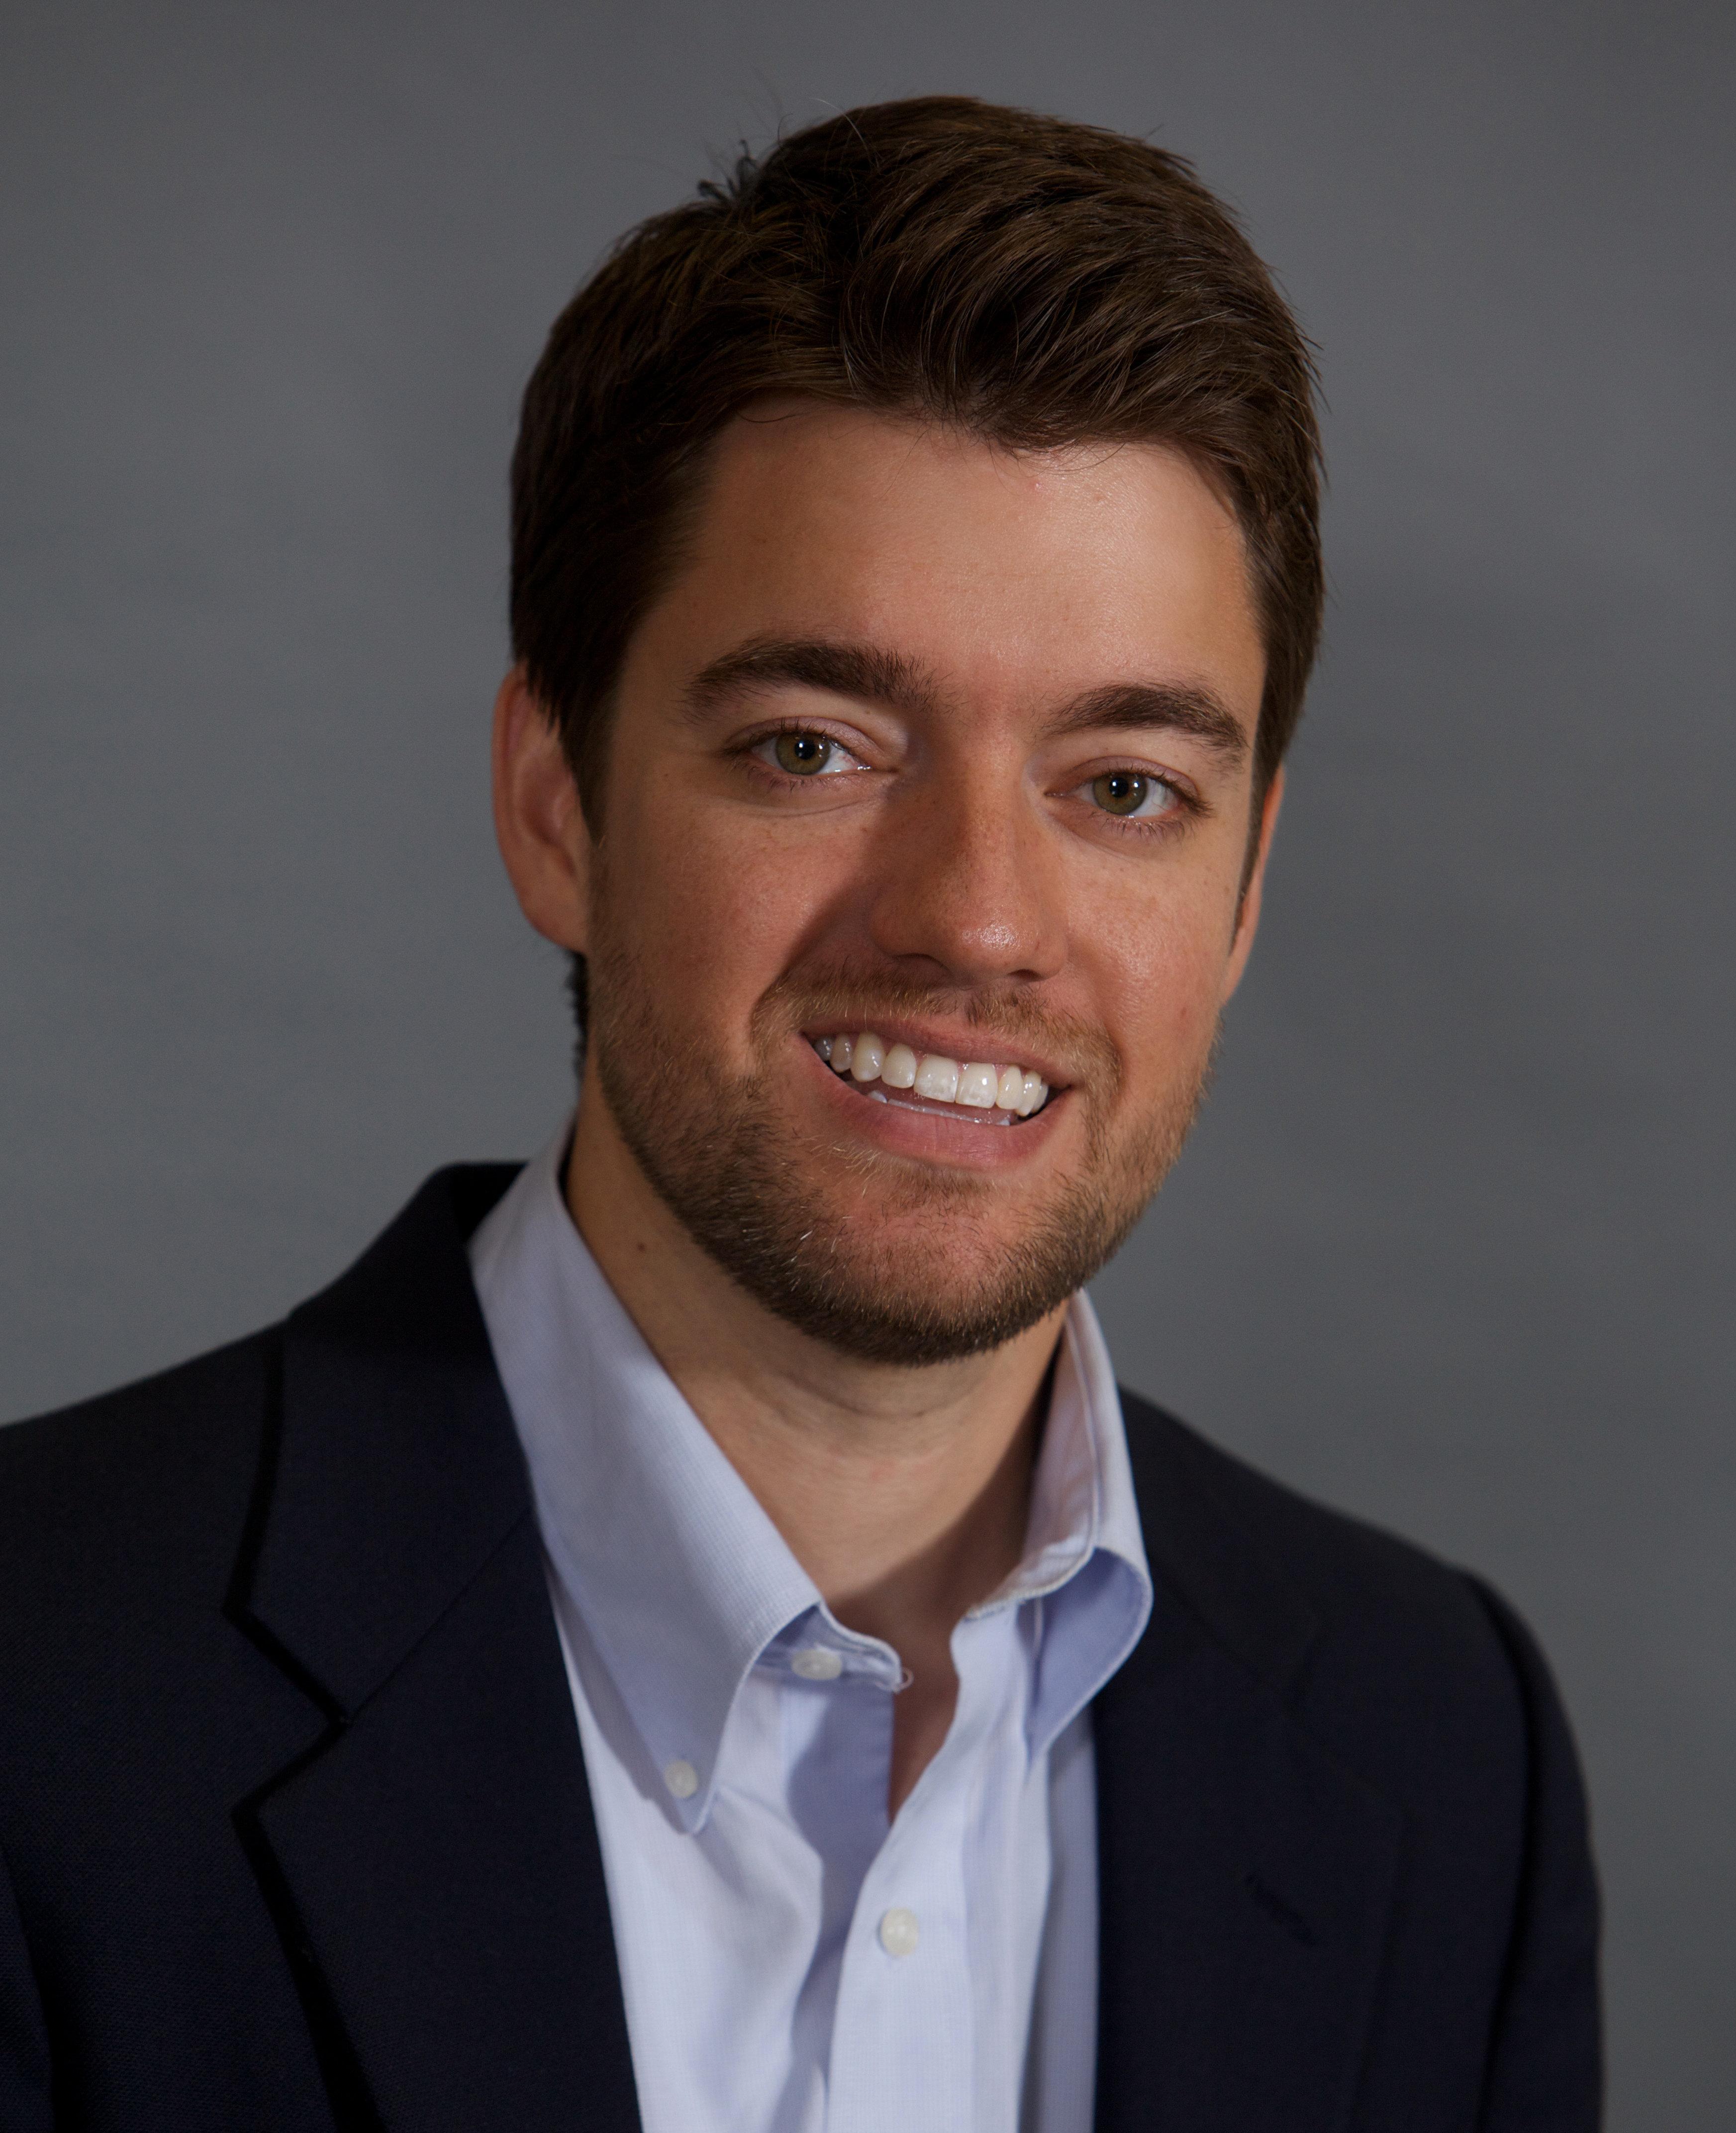 Matthew Escarra